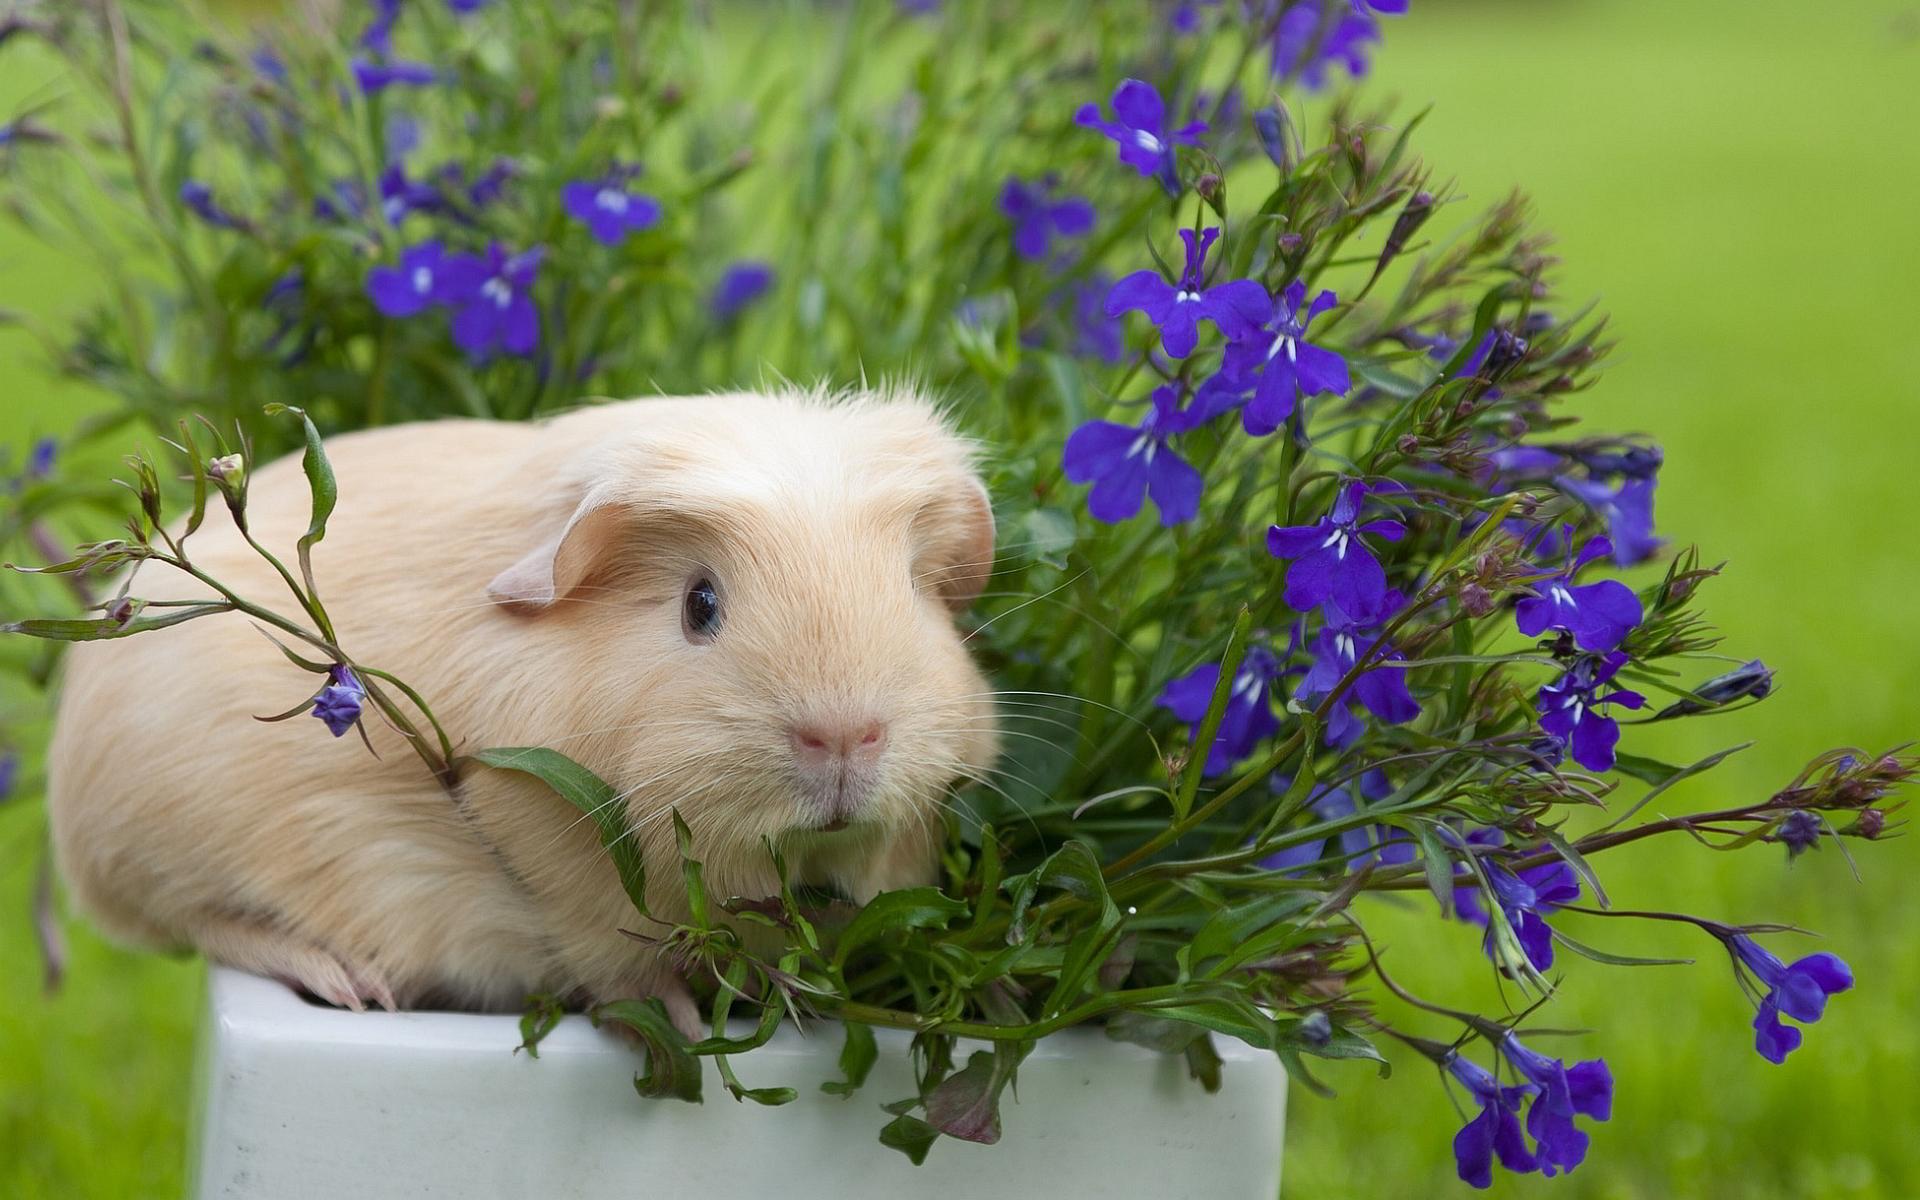 Guinea pig flower